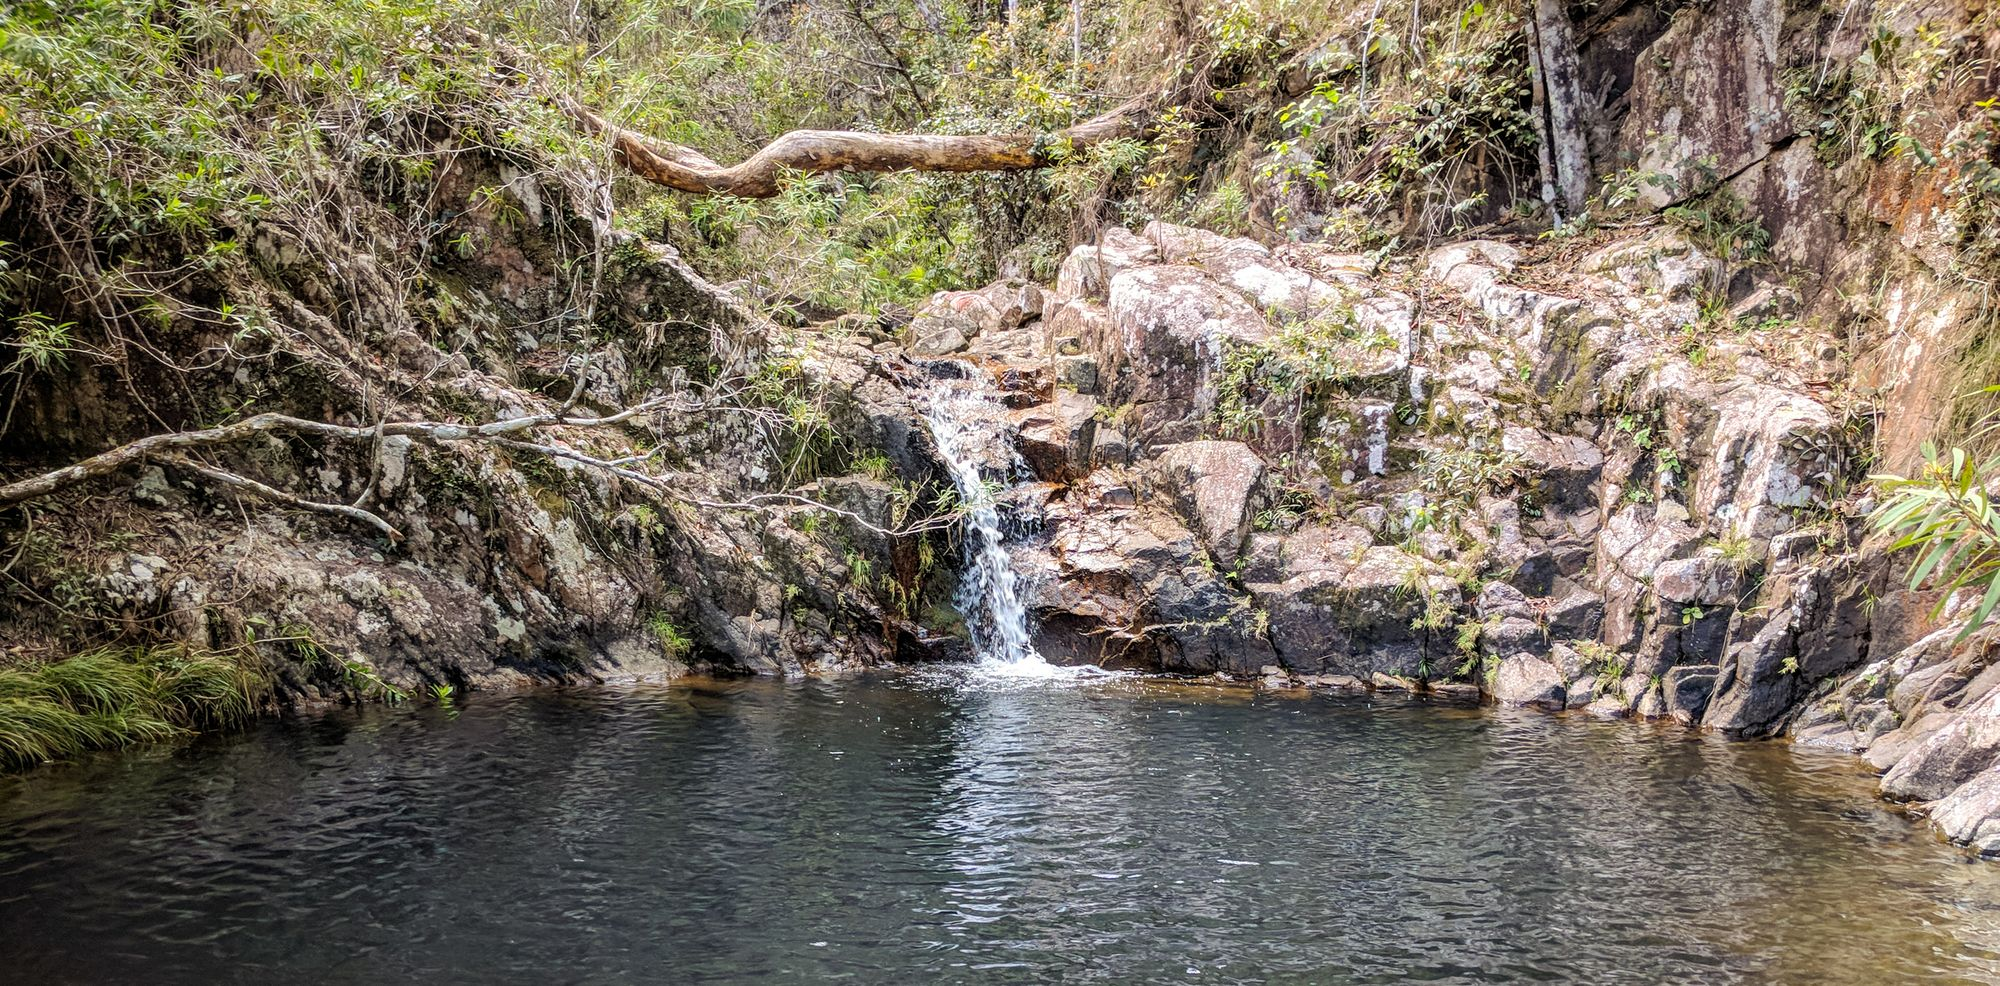 miners creek falls